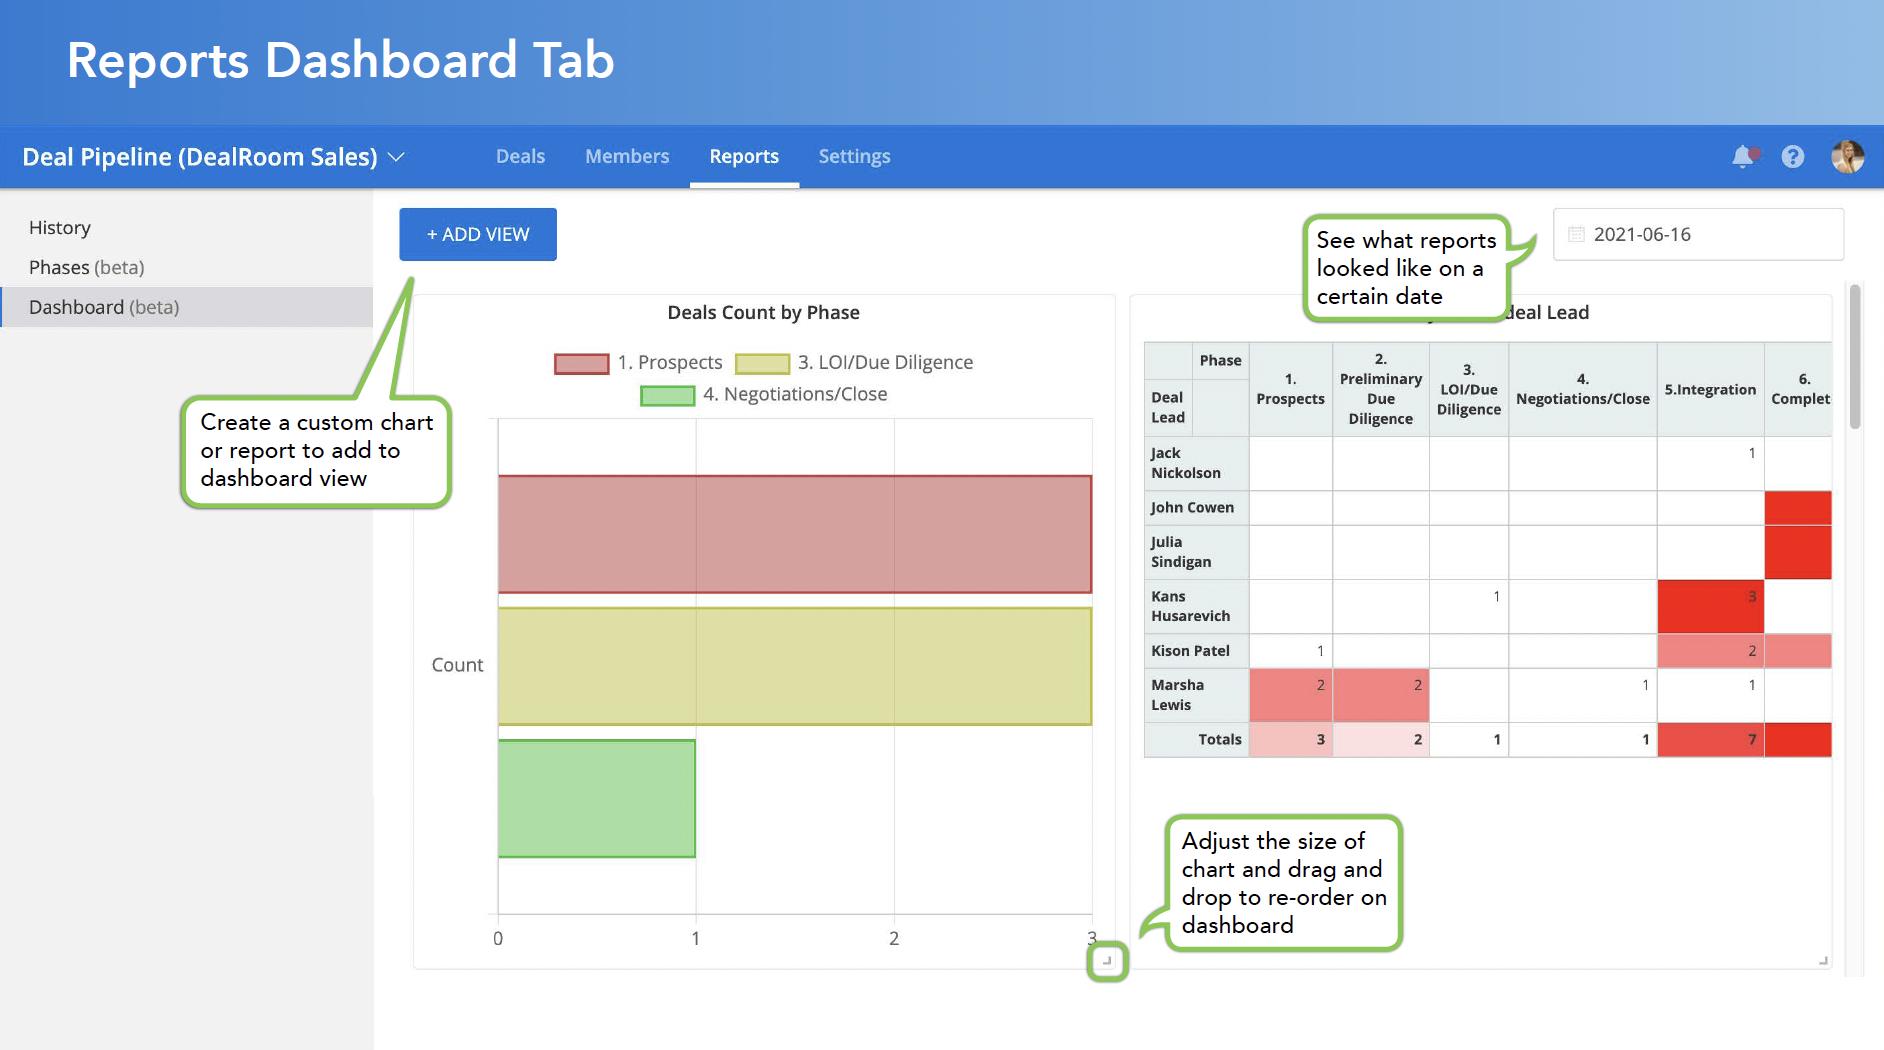 Reports Dashboard Tab